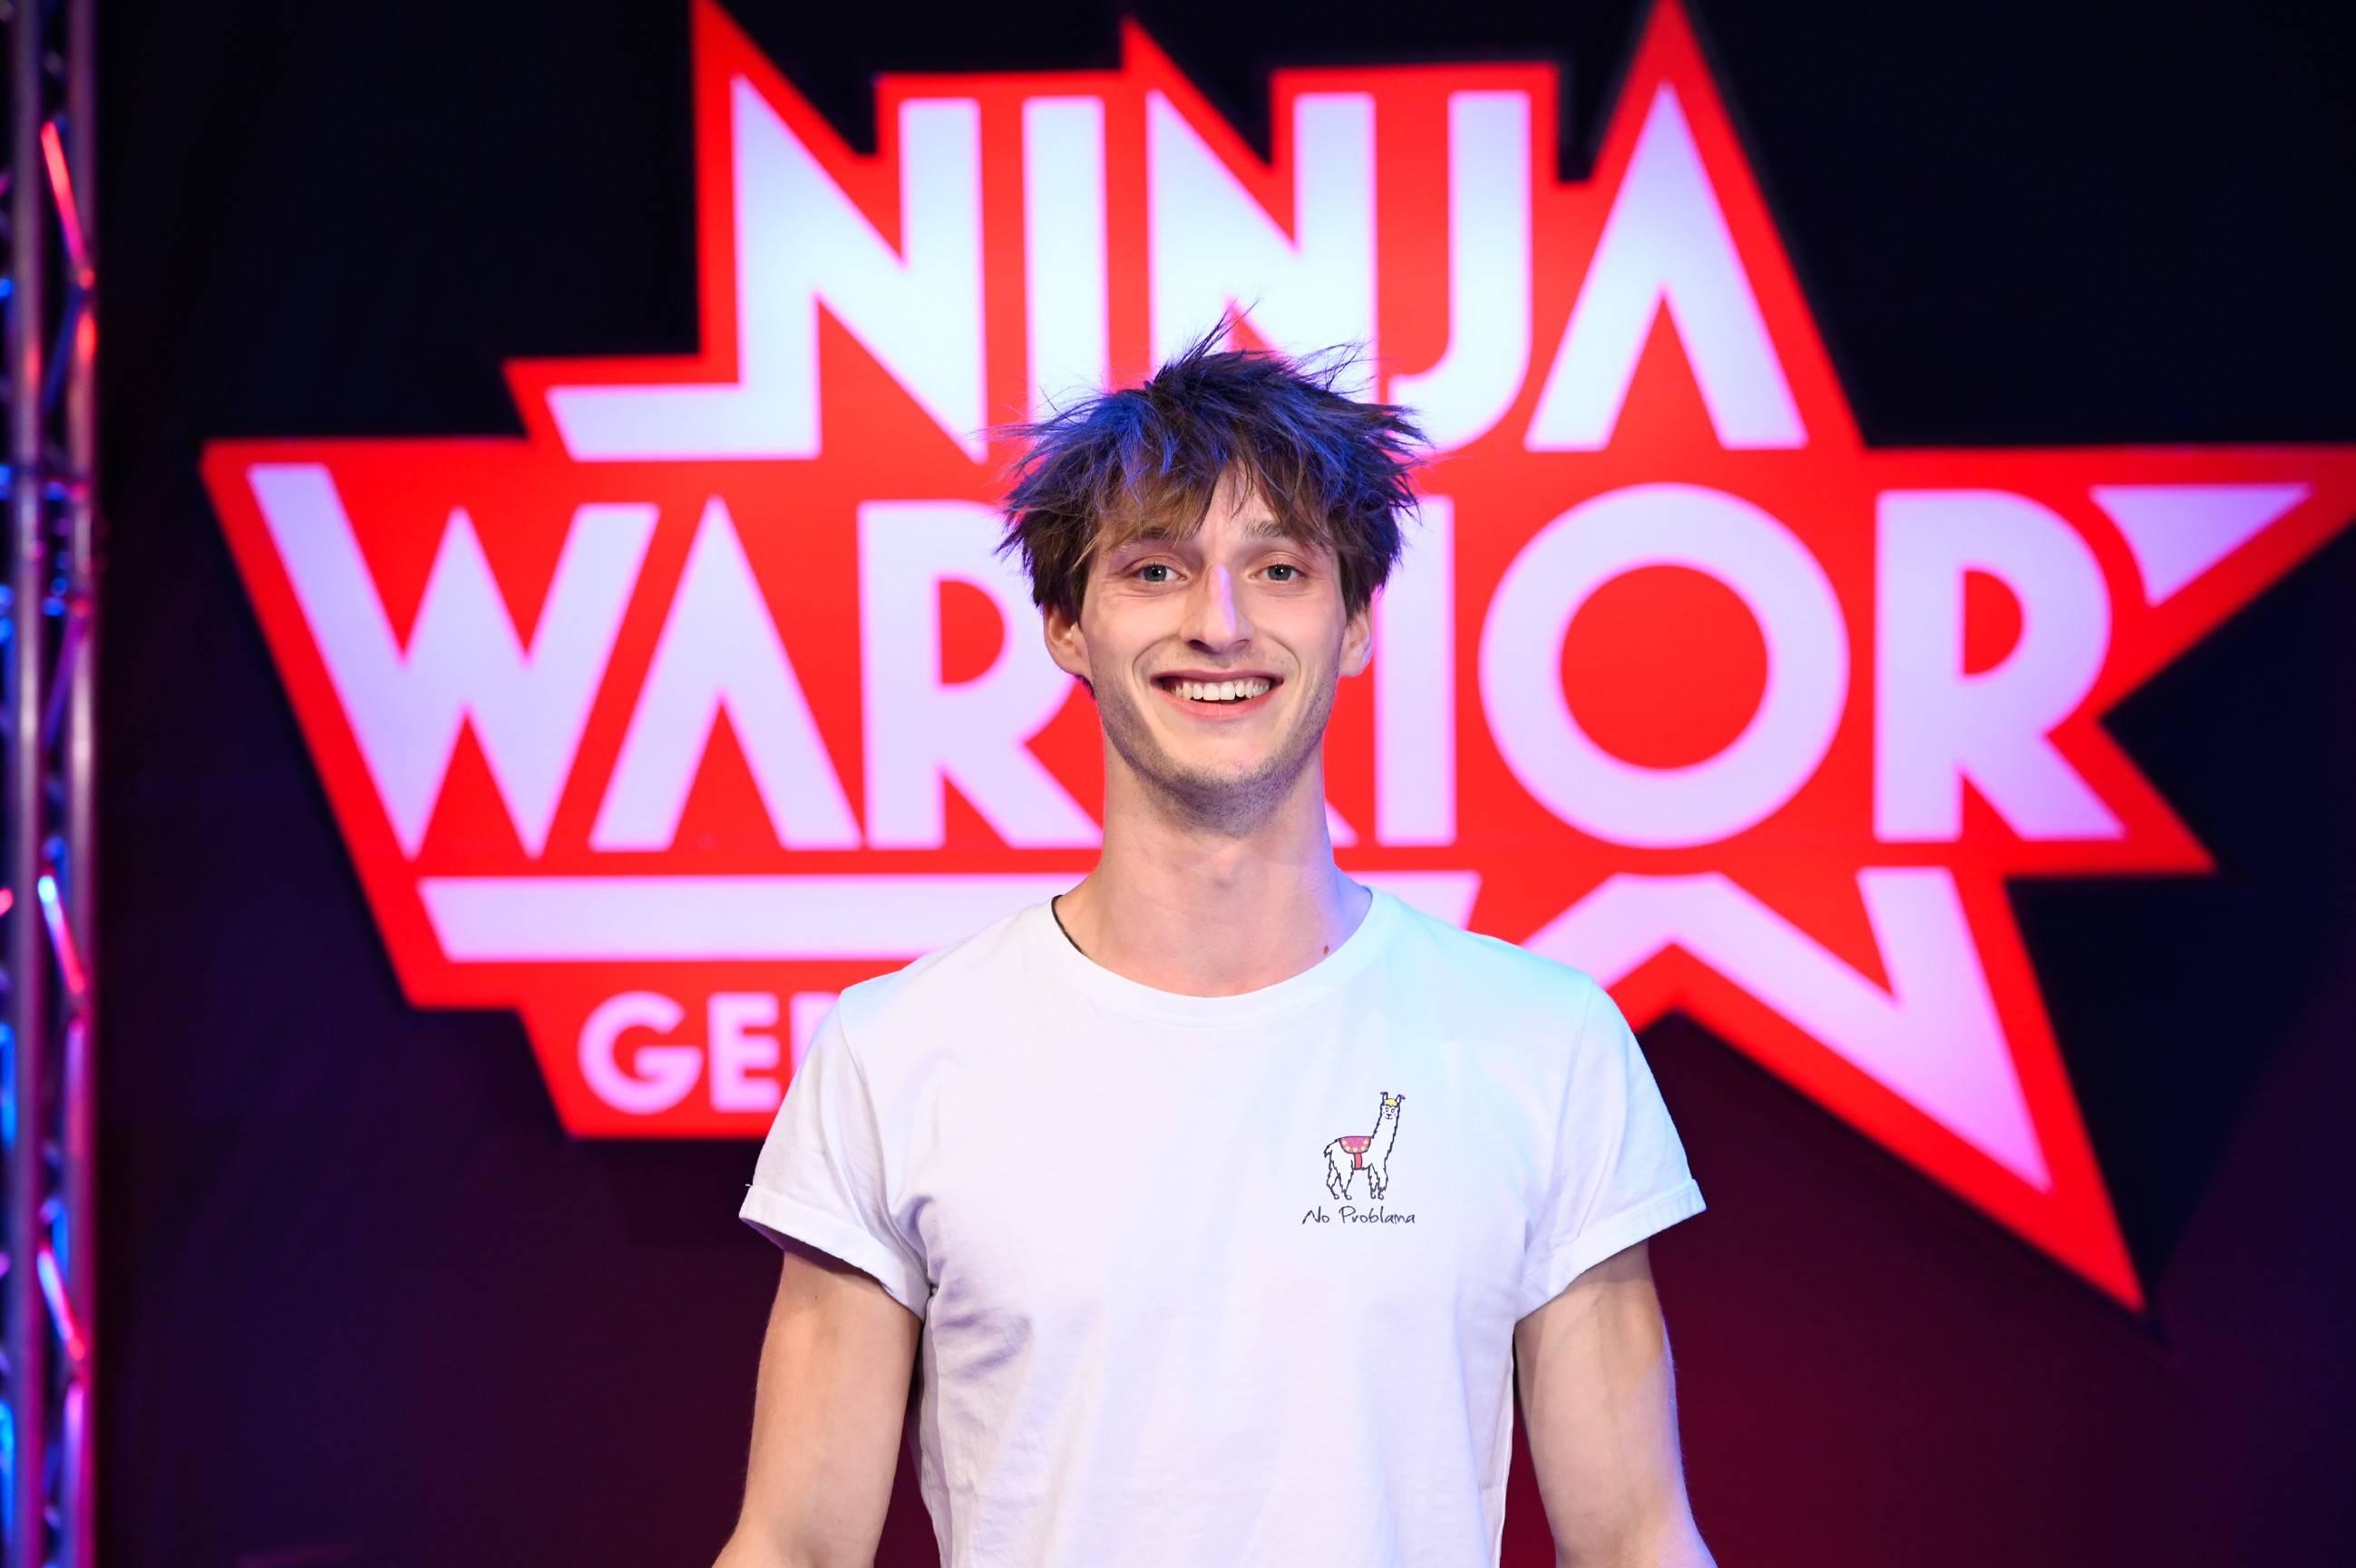 Ninja Warrior Gewinner